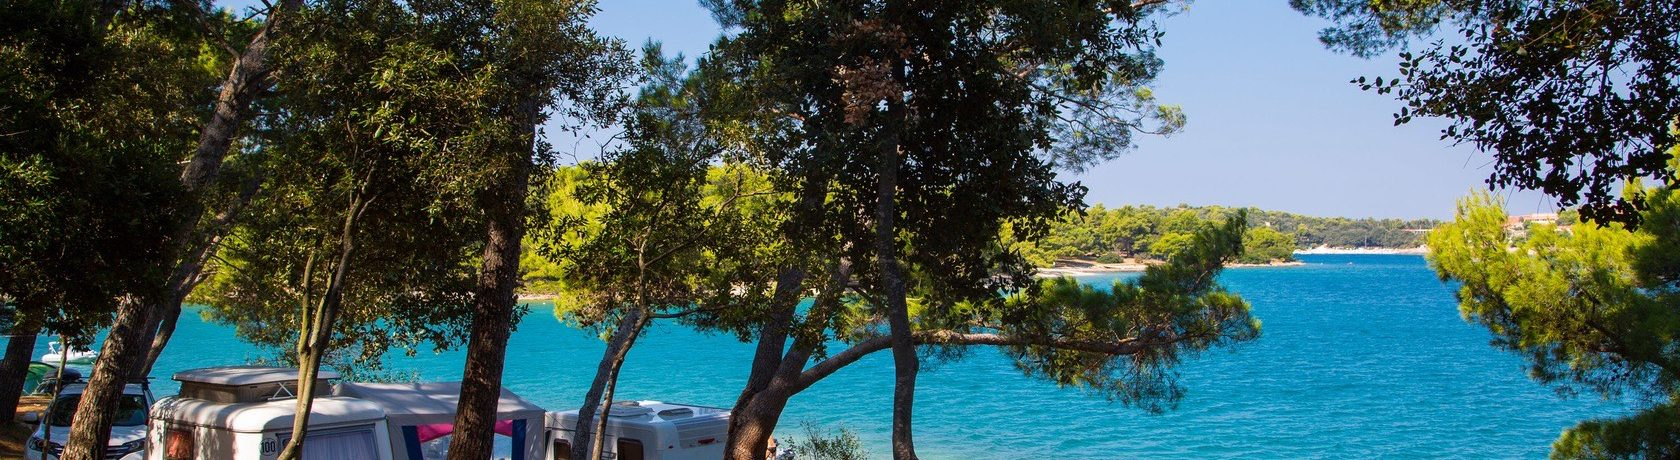 Camping Arena Indije in Banjole is een fraai gelegen camping in Istrië aan een mooi strand van de Adriatische zee aan de kust van Kroatië.